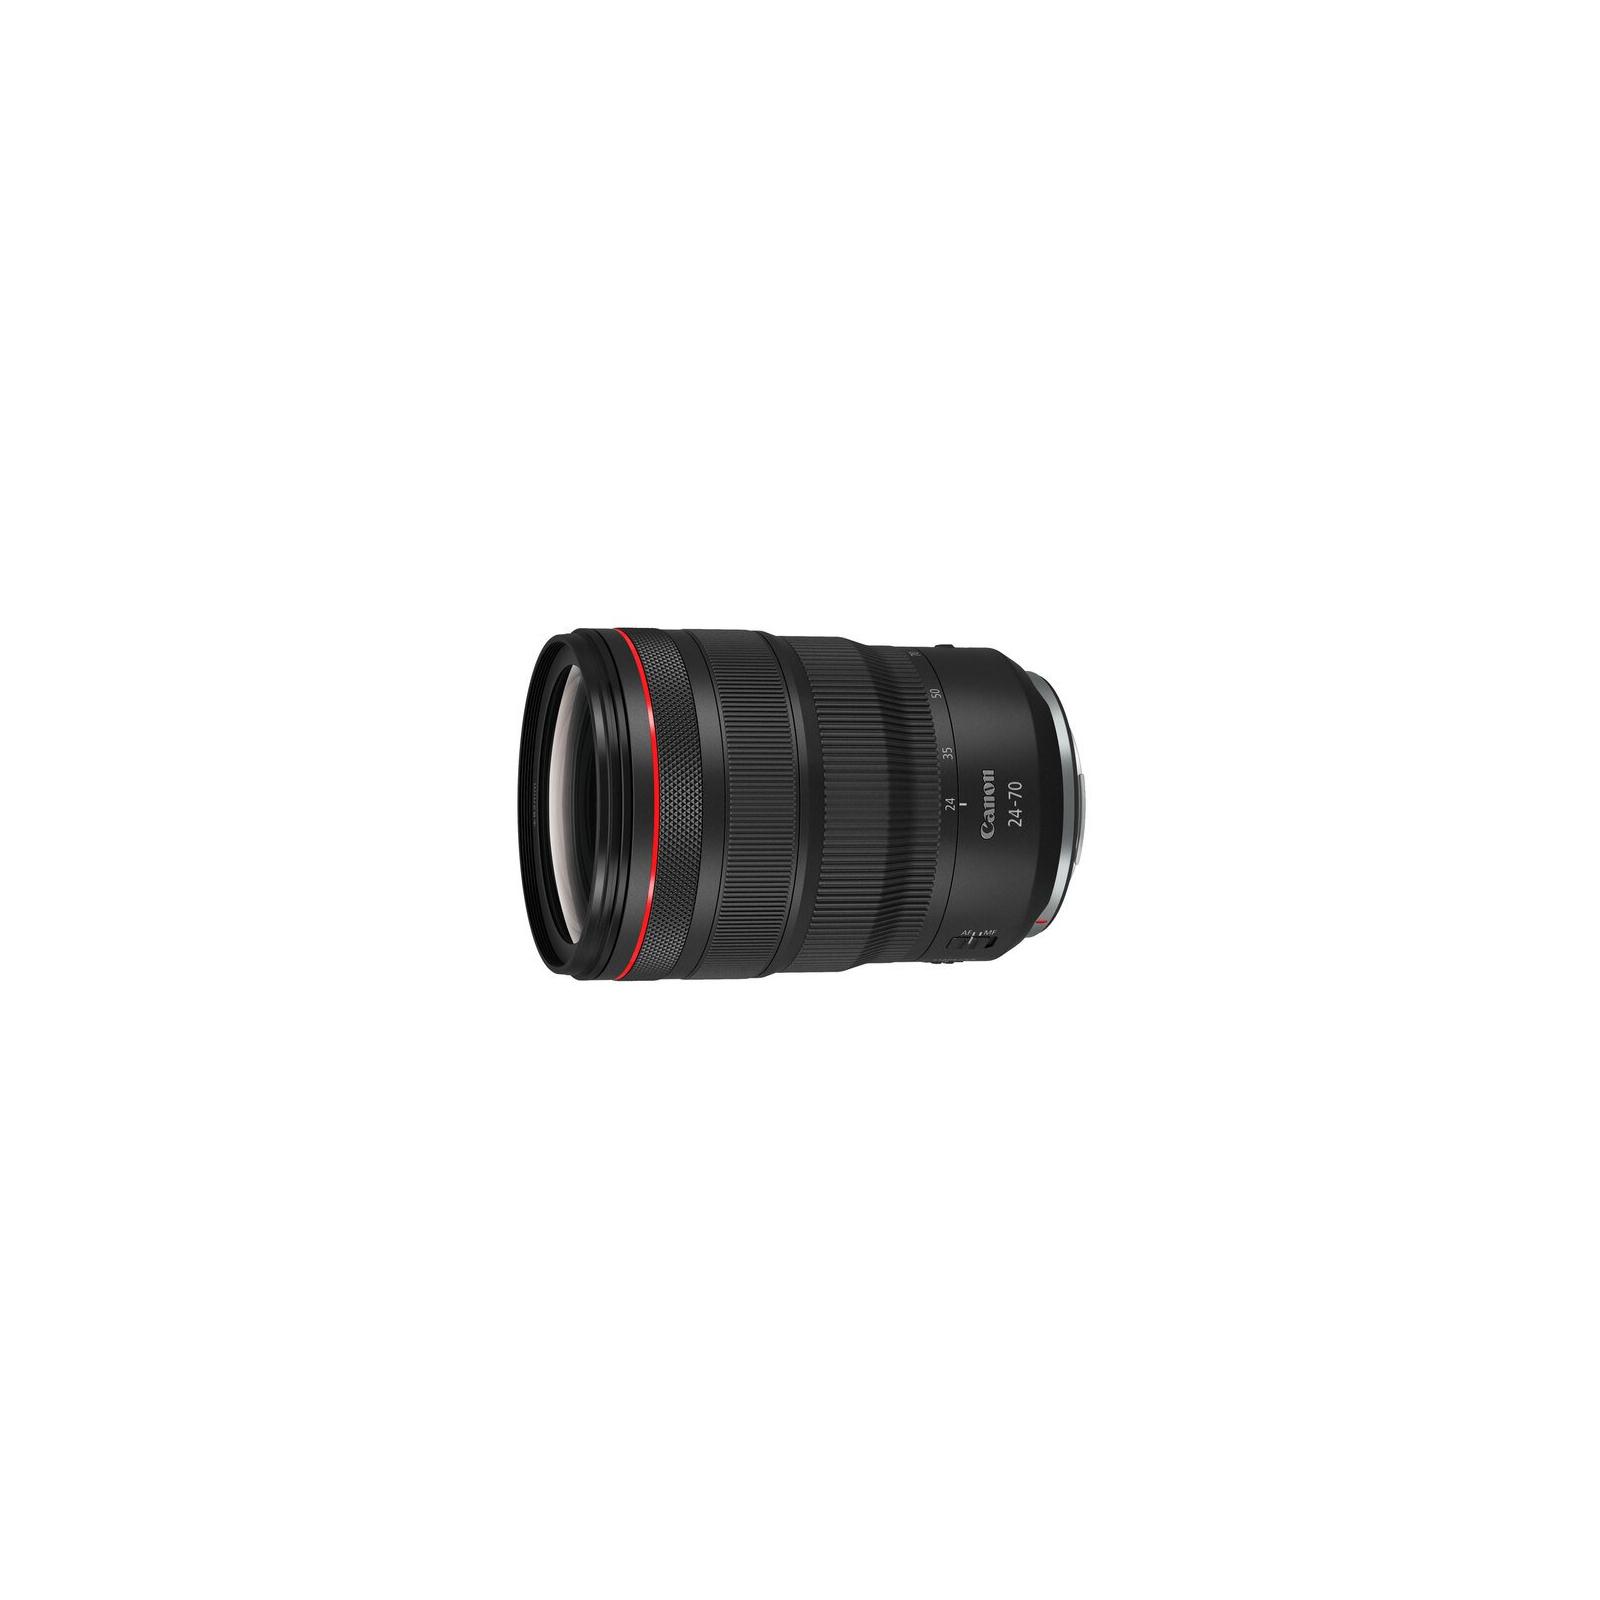 Объектив Canon RF 24-70mm f/2.8 L IS USM (3680C005) изображение 2